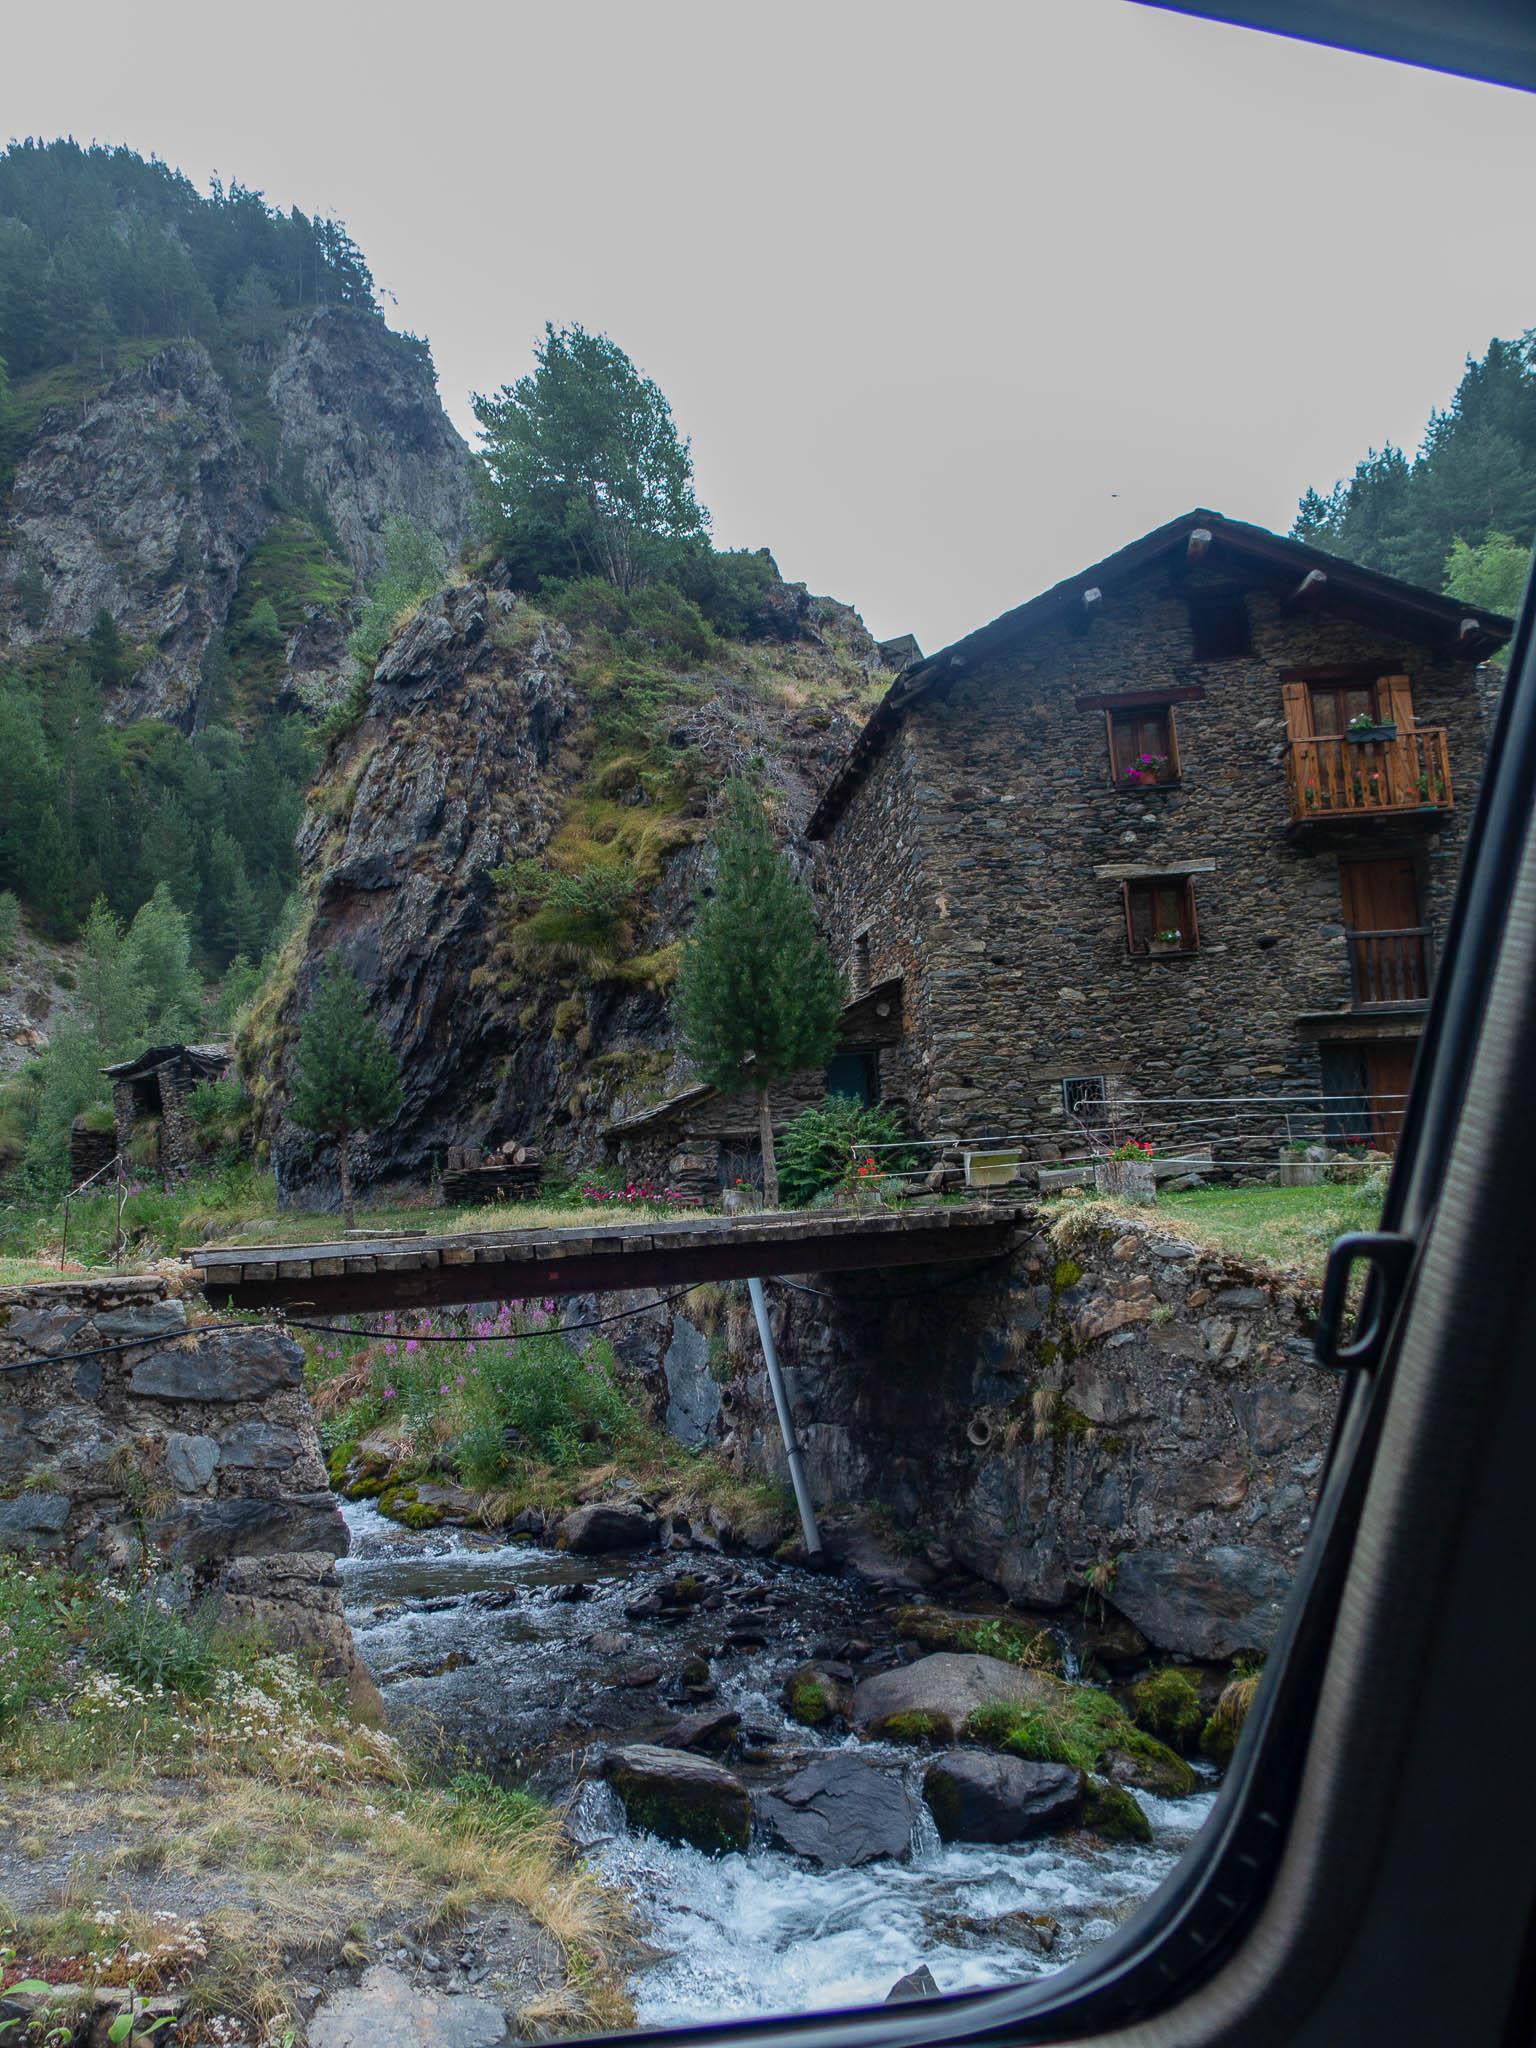 Haus am Fluss in Tor, Spanien, Holzbrücke über den Fluss